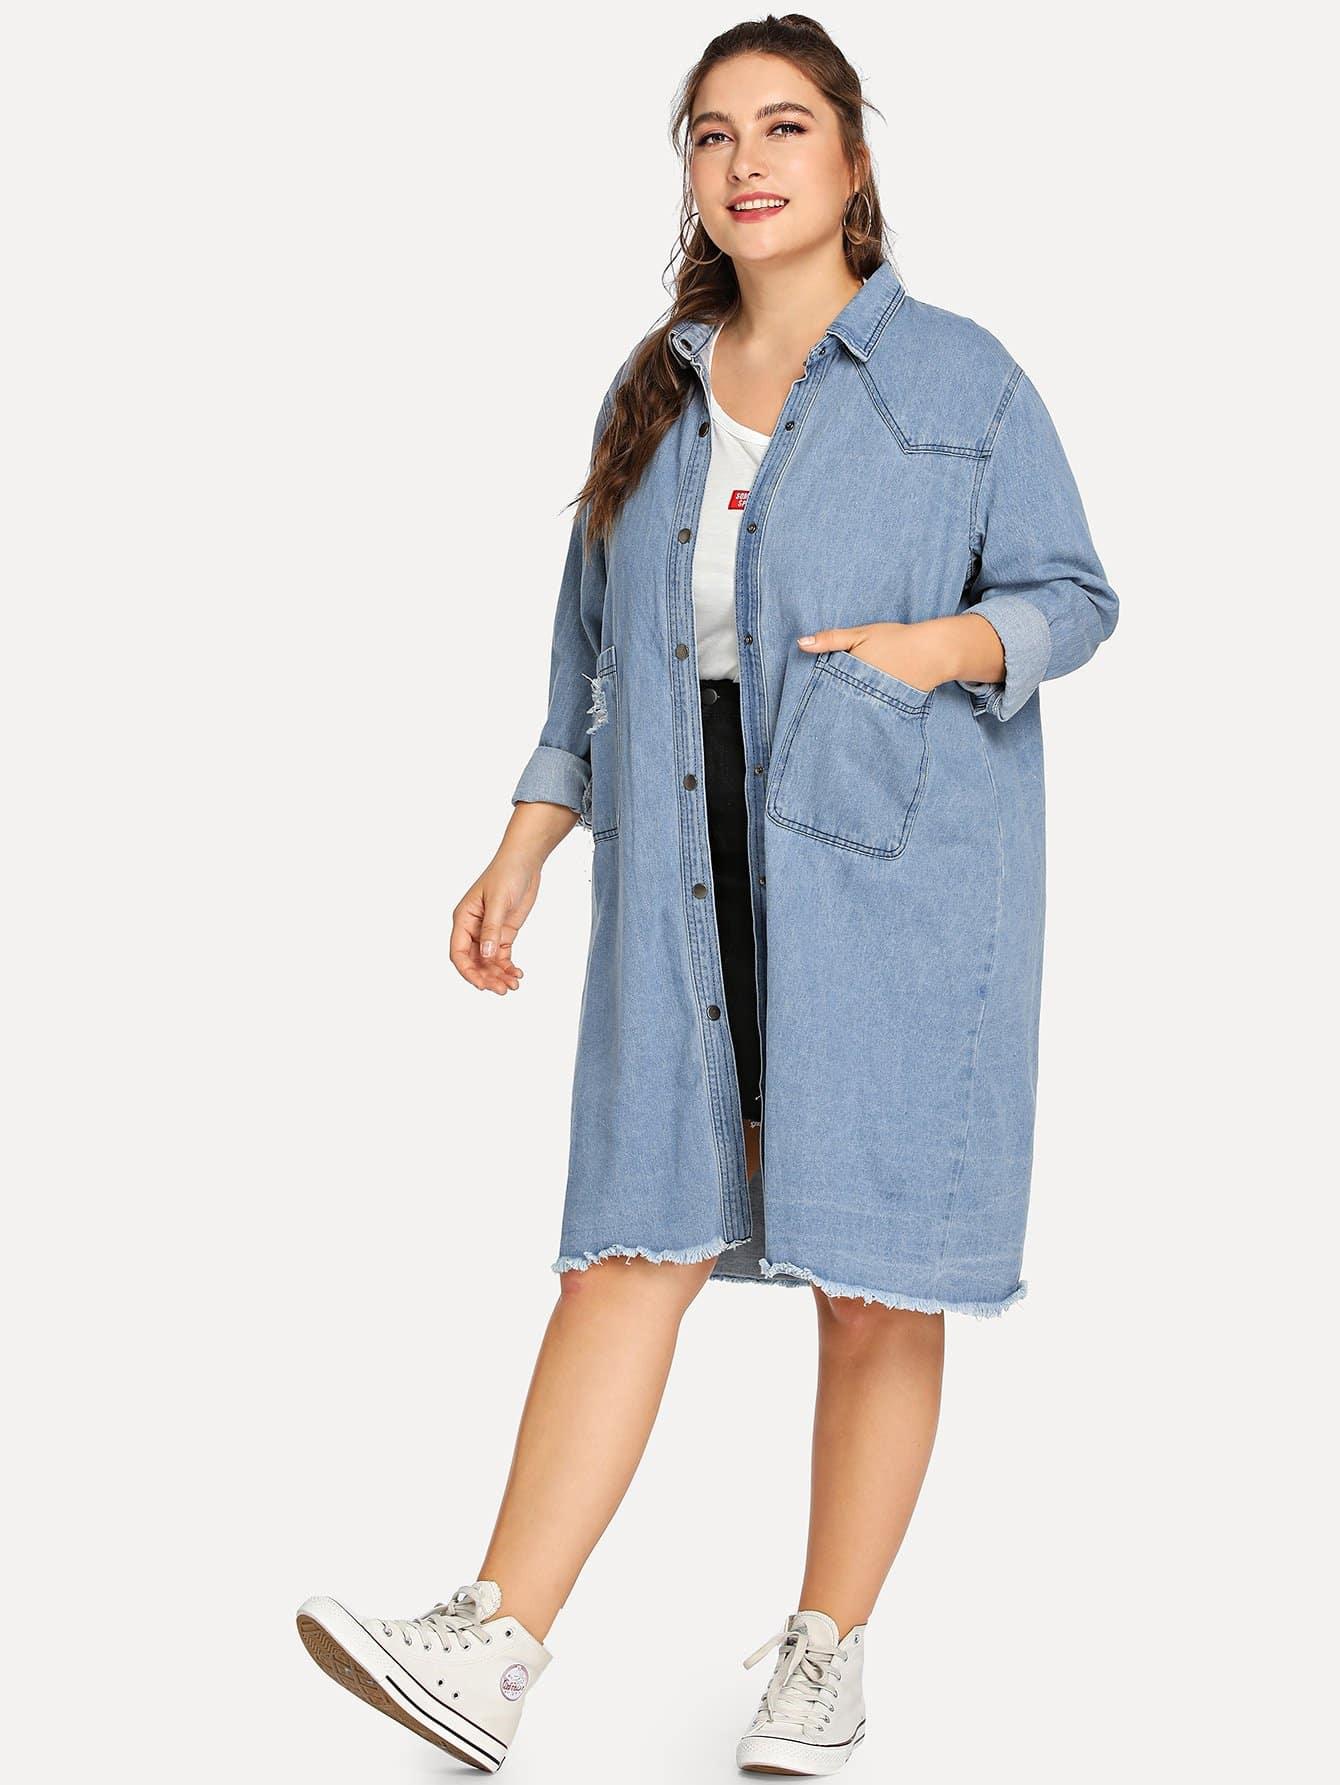 Купить Джинсовая длинная куртка и с украшением двух кармана и рольный подол, Franziska, SheIn